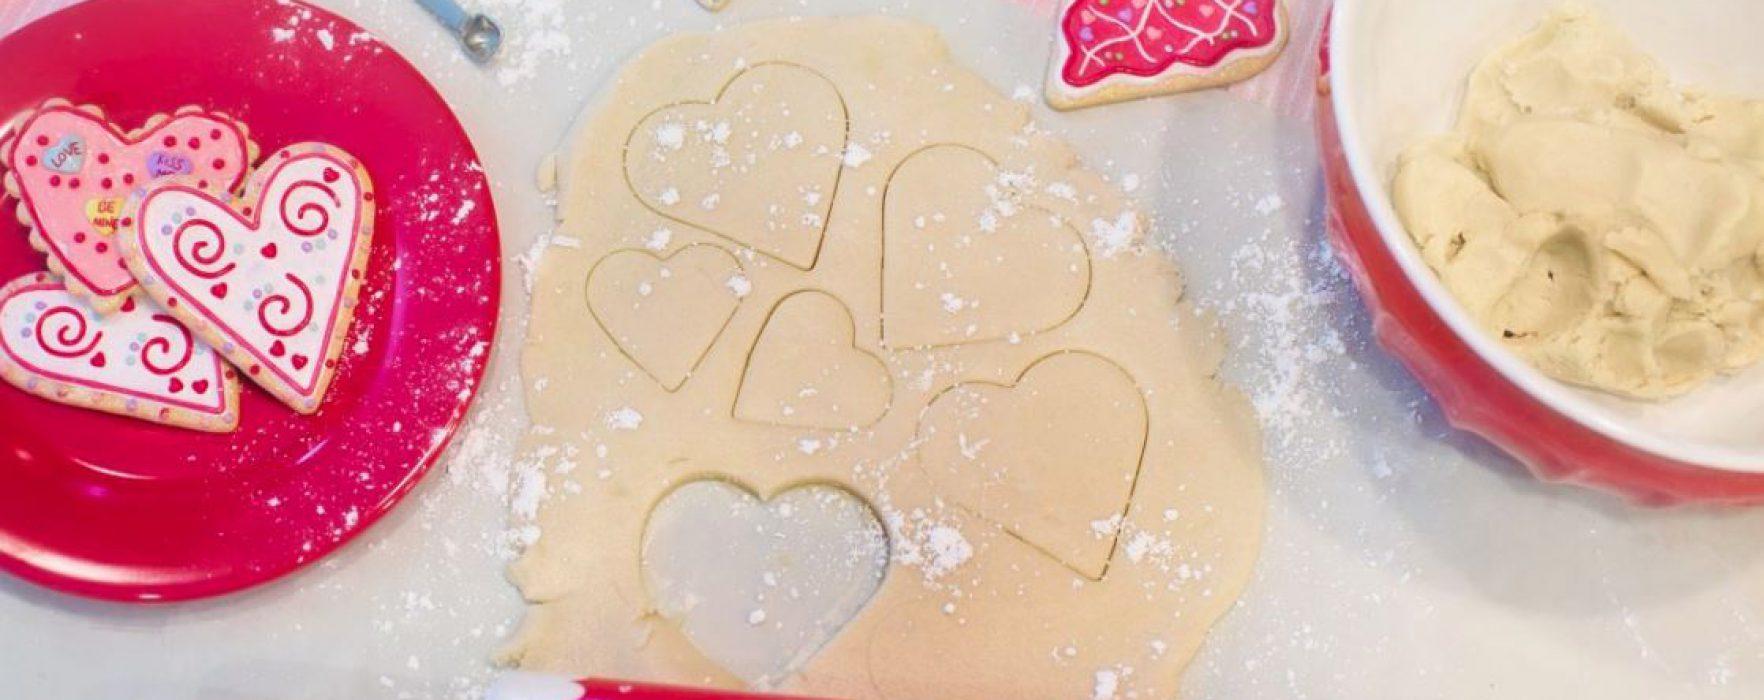 San Valentín en casa: las mejores ideas románticas para hacer 'nesting'